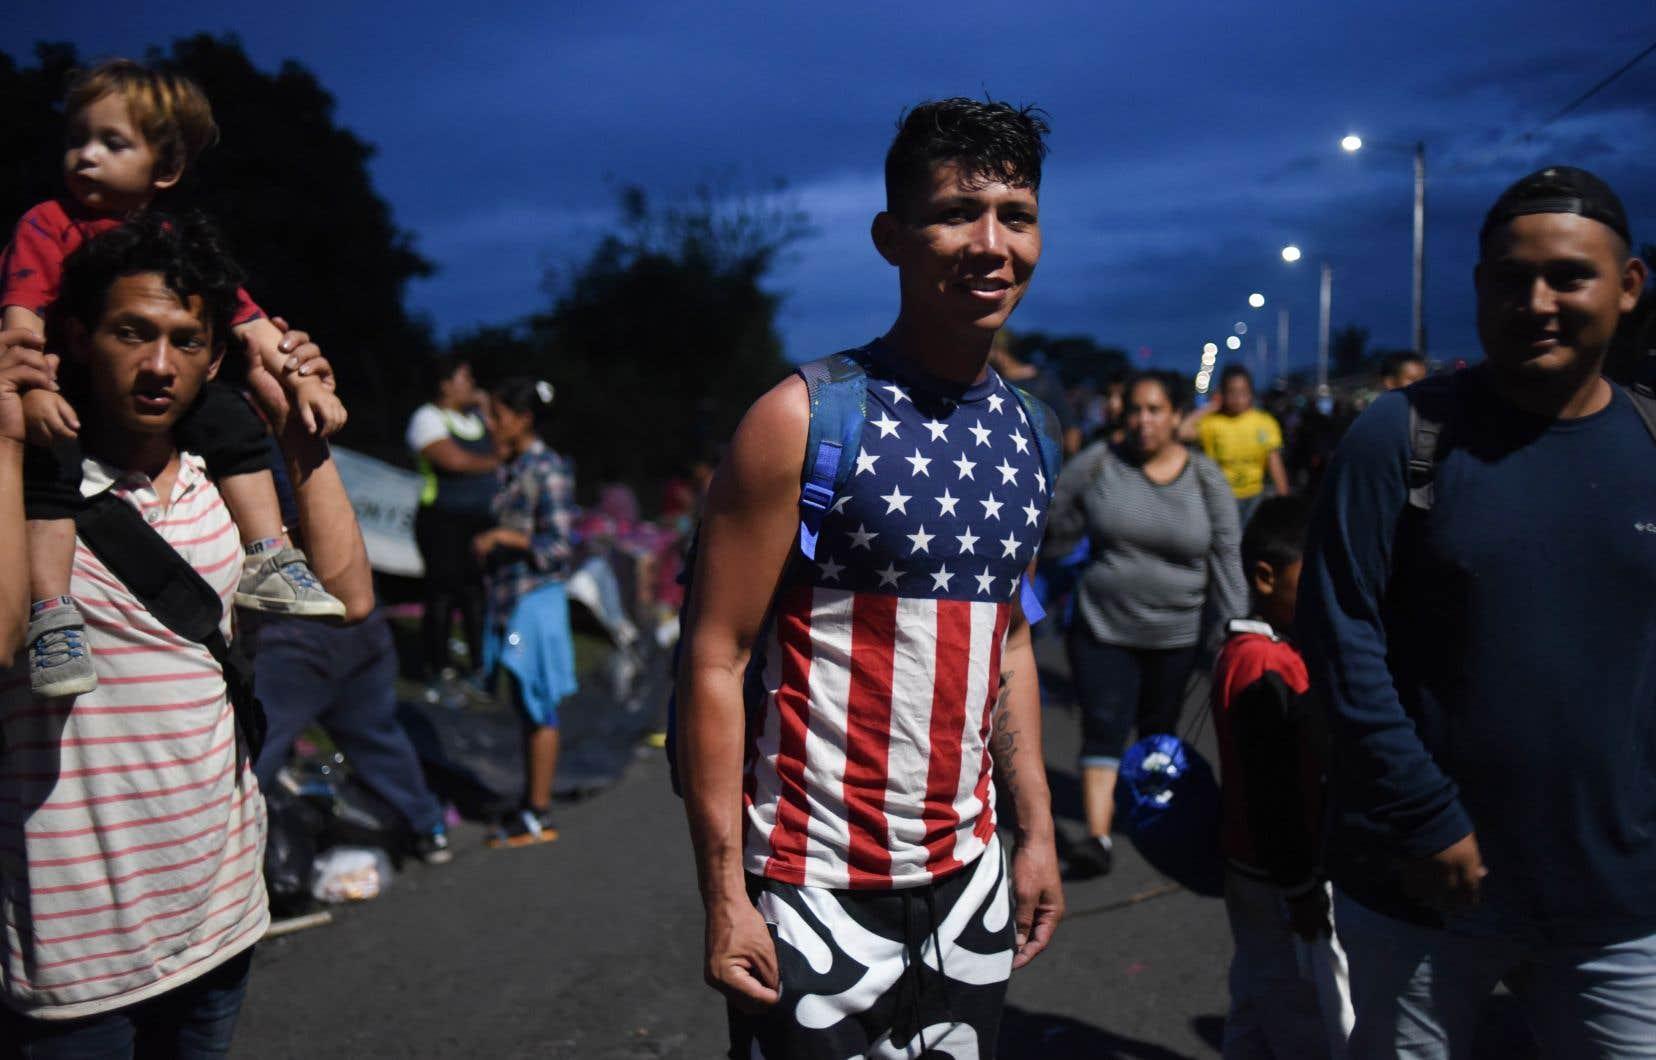 Les images de milliers de migrants honduriens avançant groupés à travers le Guatemala puis le Mexique tournent en boucle depuis la semaine dernière sur les écrans américains.